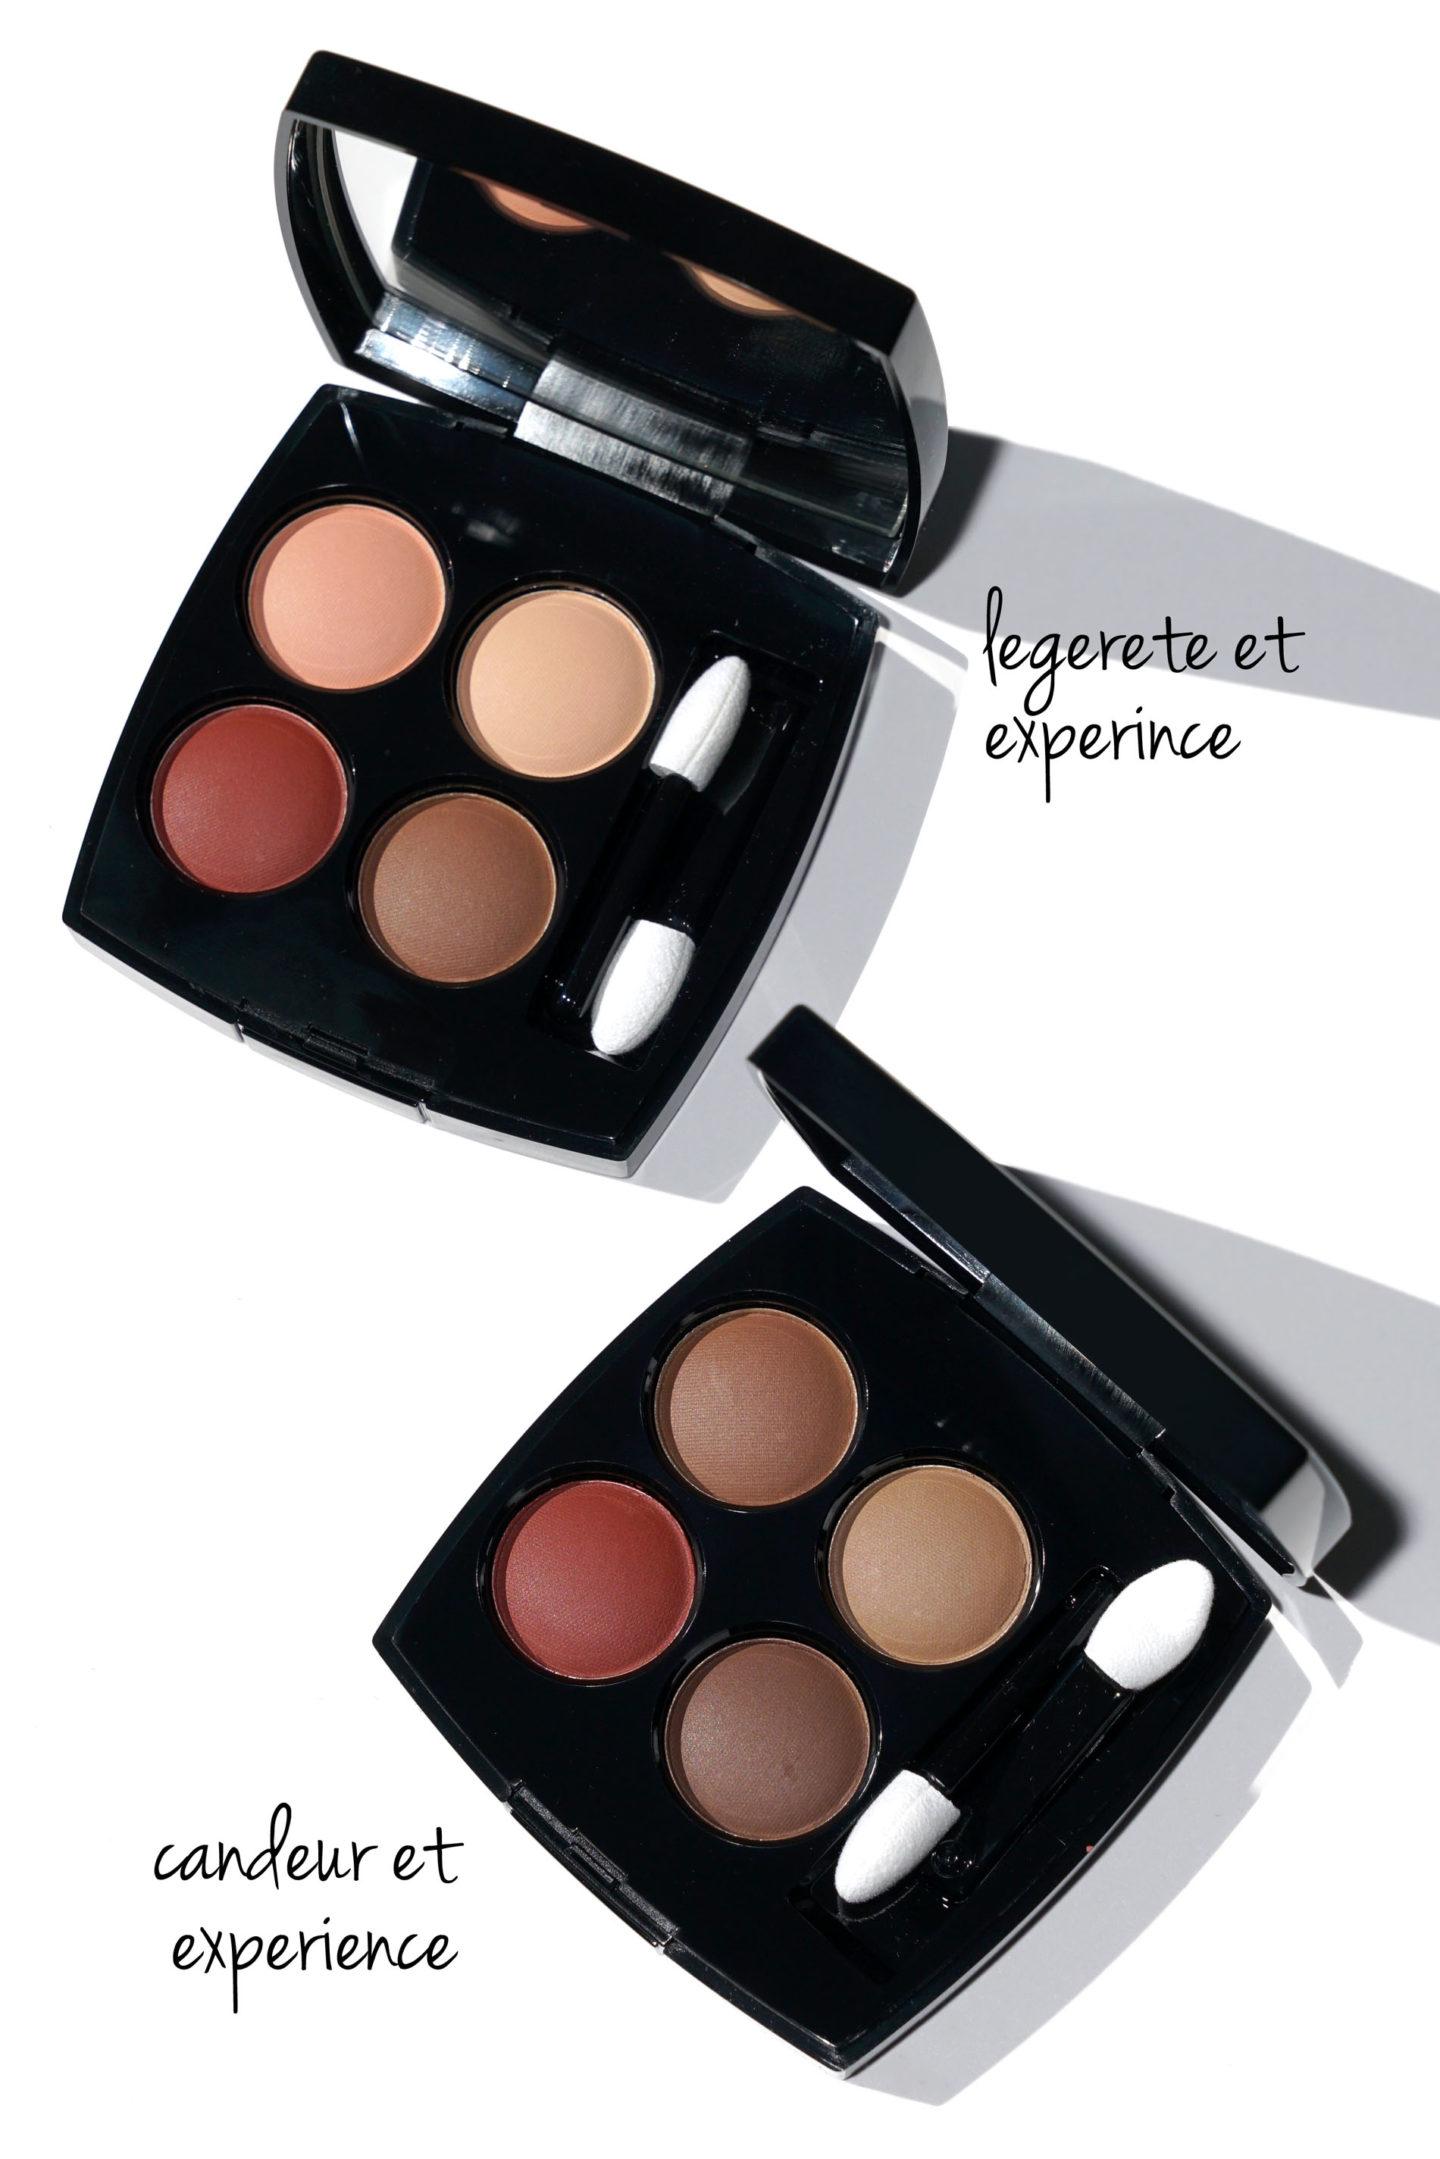 Chanel Les 4 Ombres Legetere Et Experience vs Candeur Et Experience | Le look book beauté